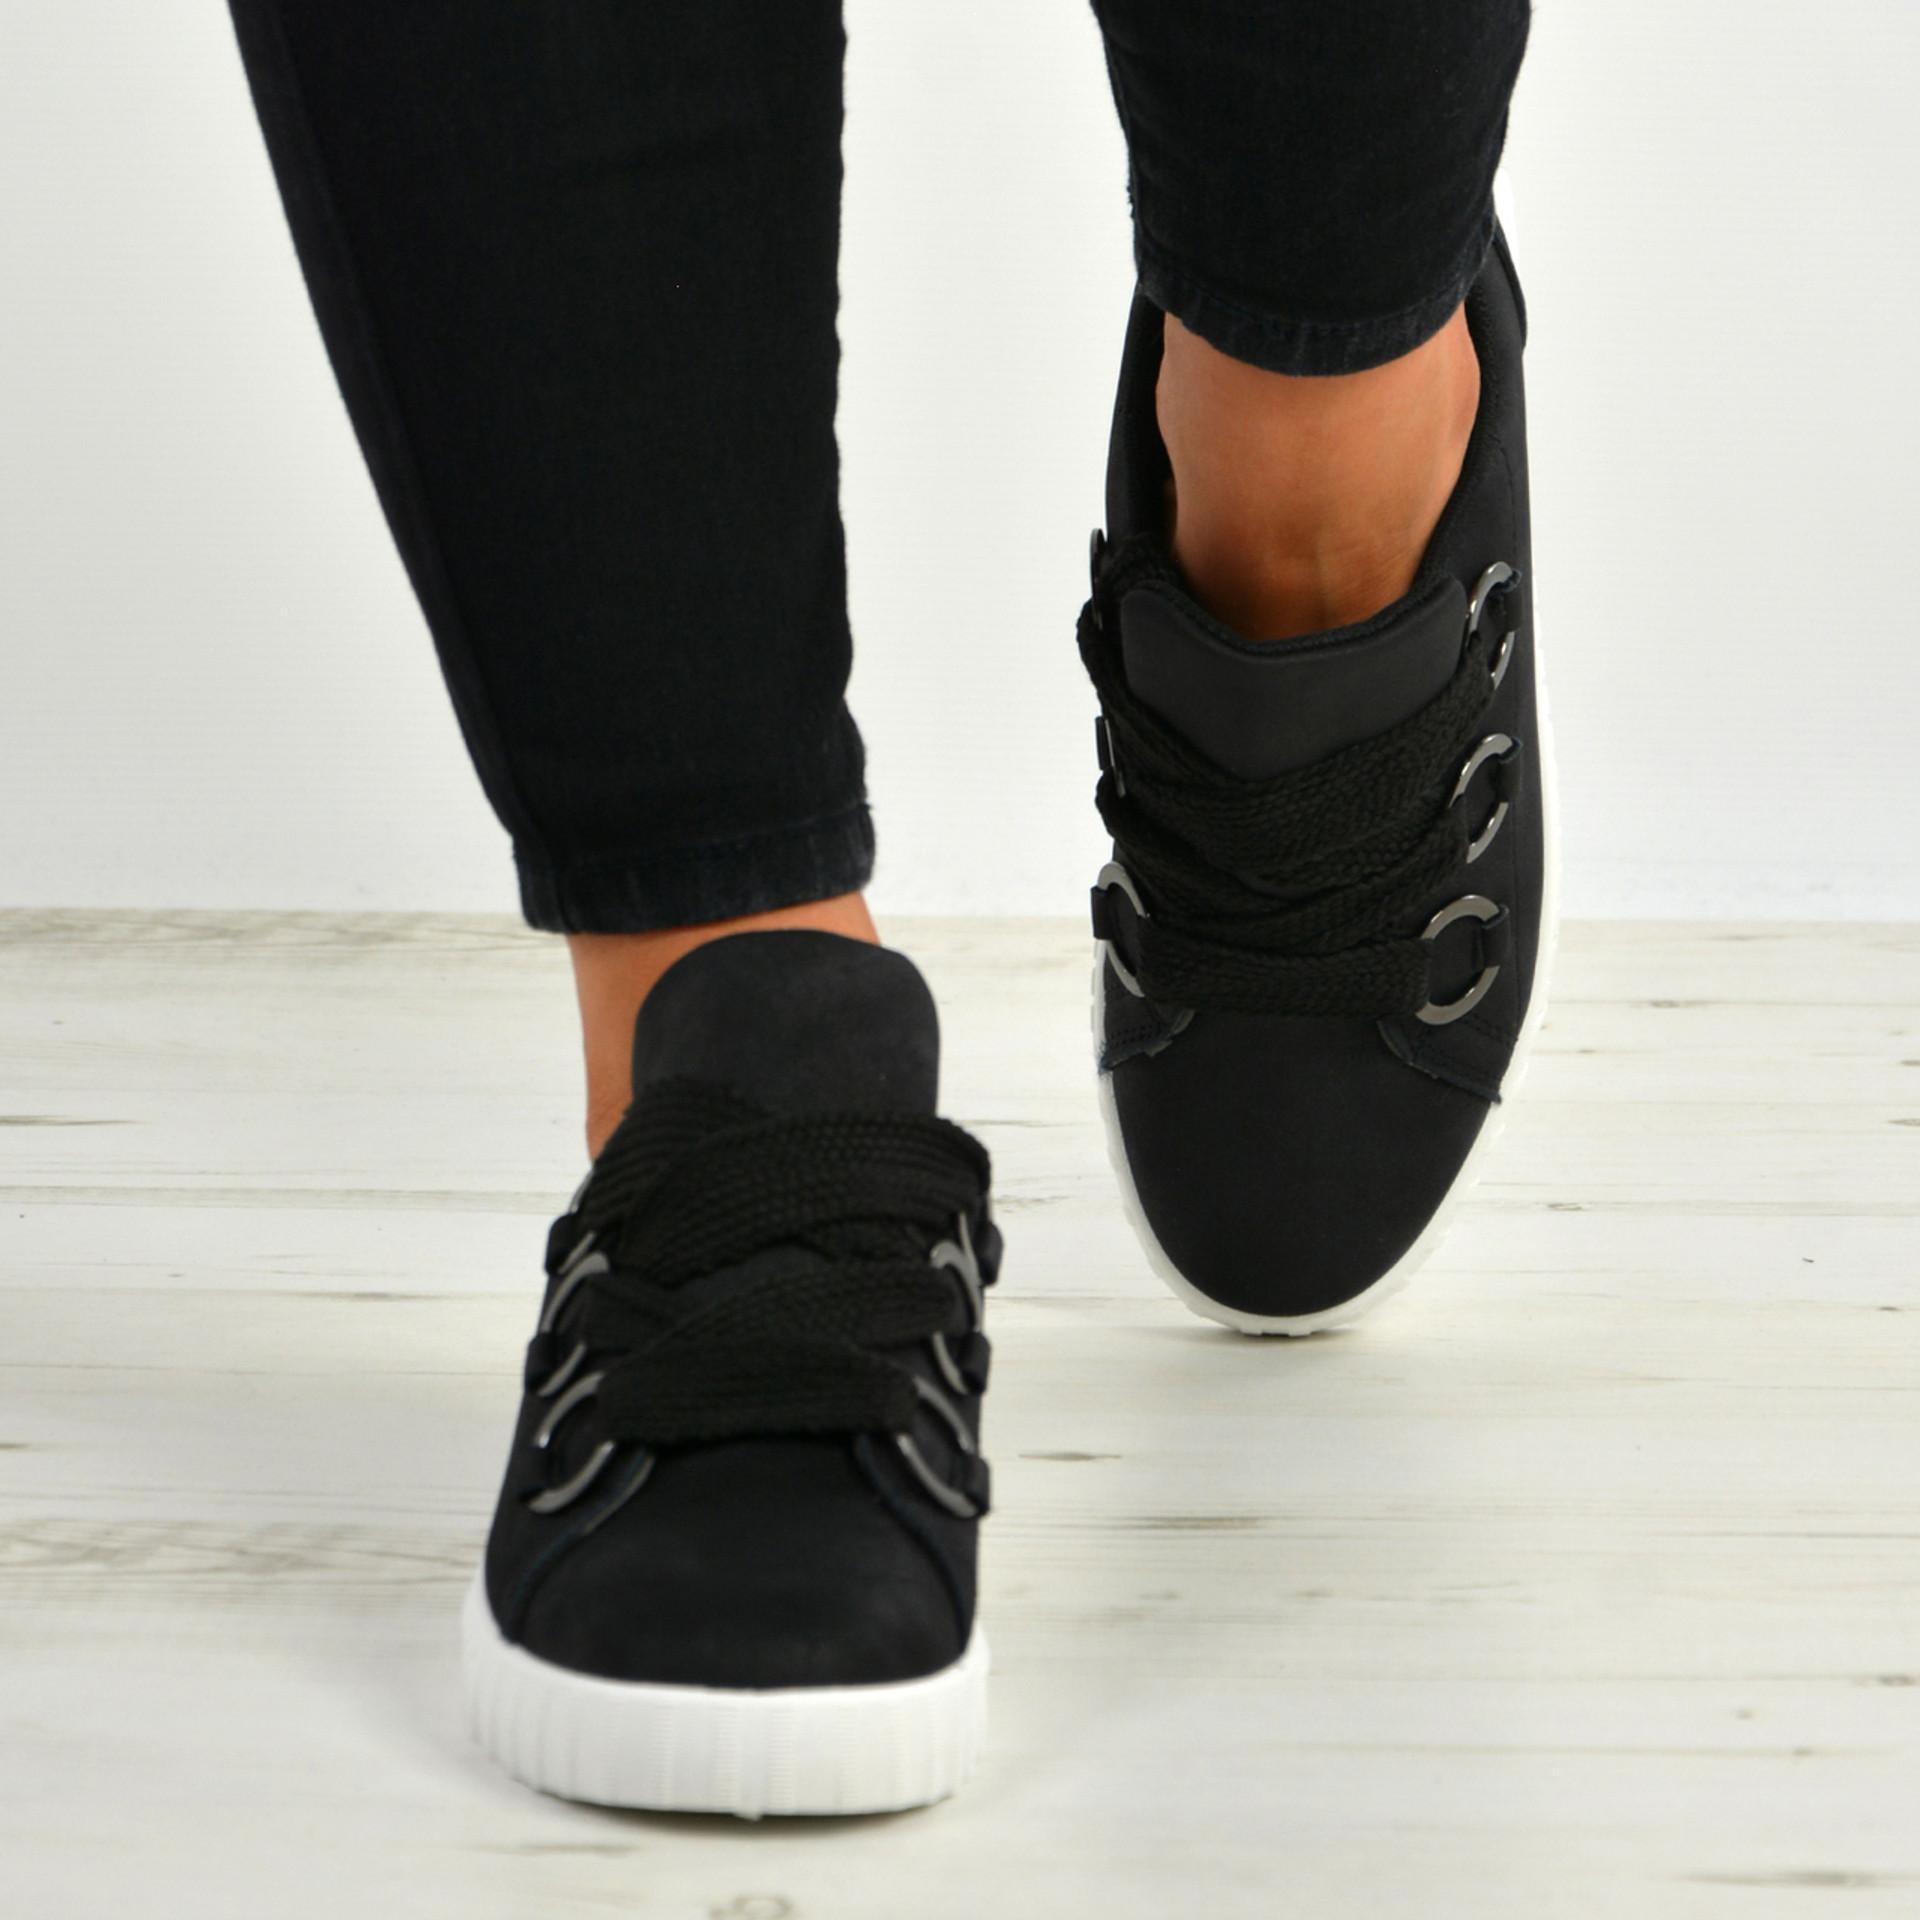 Marisol Black Slip On Trainers